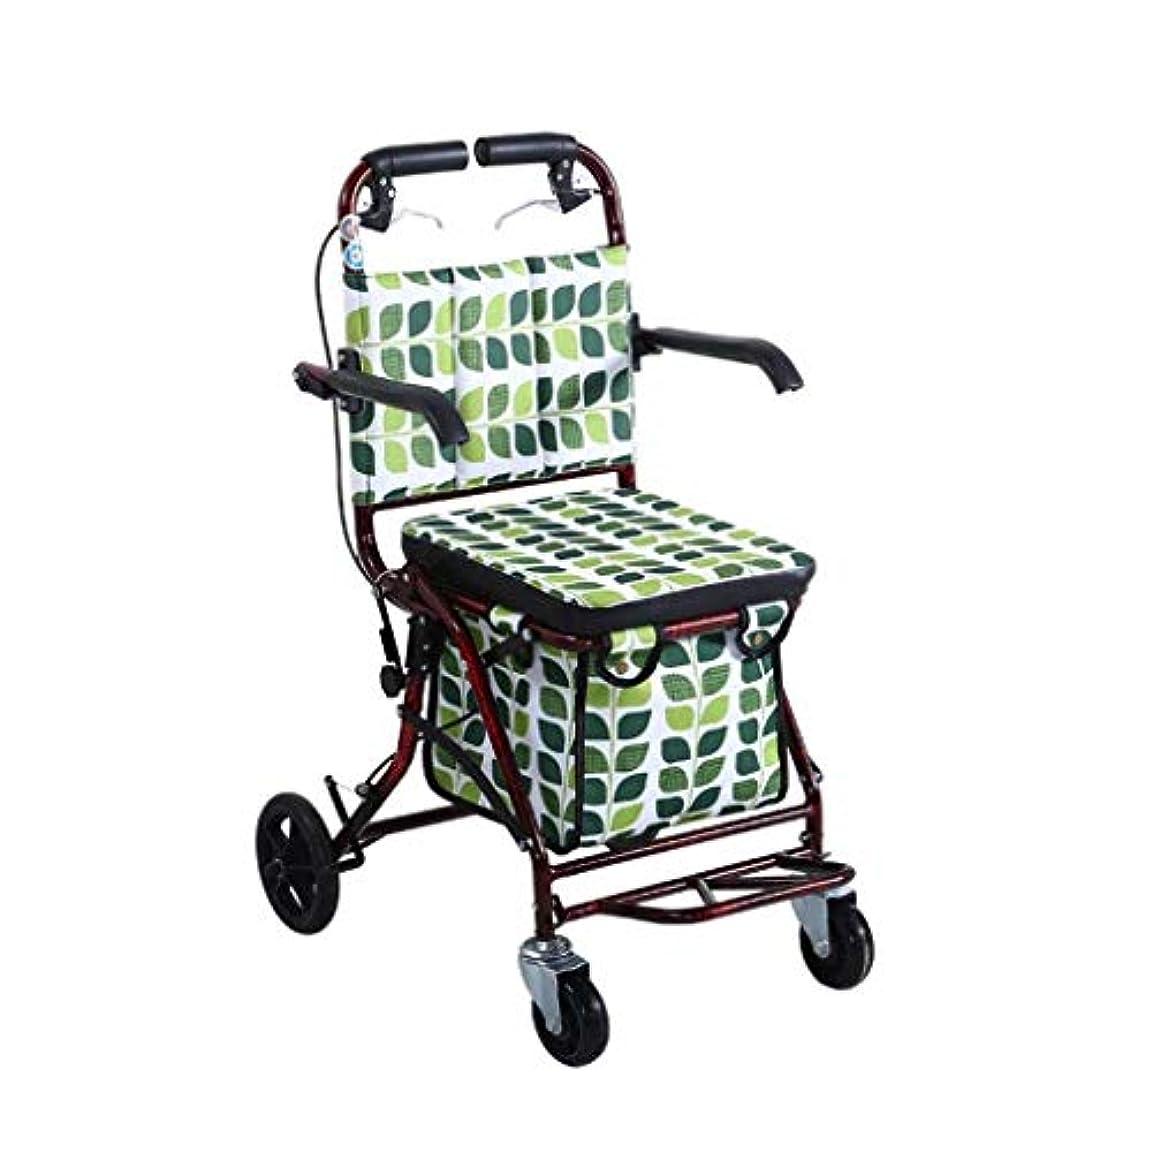 が欲しい令状顔料ショッピングトロリー、老人ポータブル四輪歩行者は、背もたれ、パッド入りシート、フットレスト付きの折りたたみ車椅子に乗る